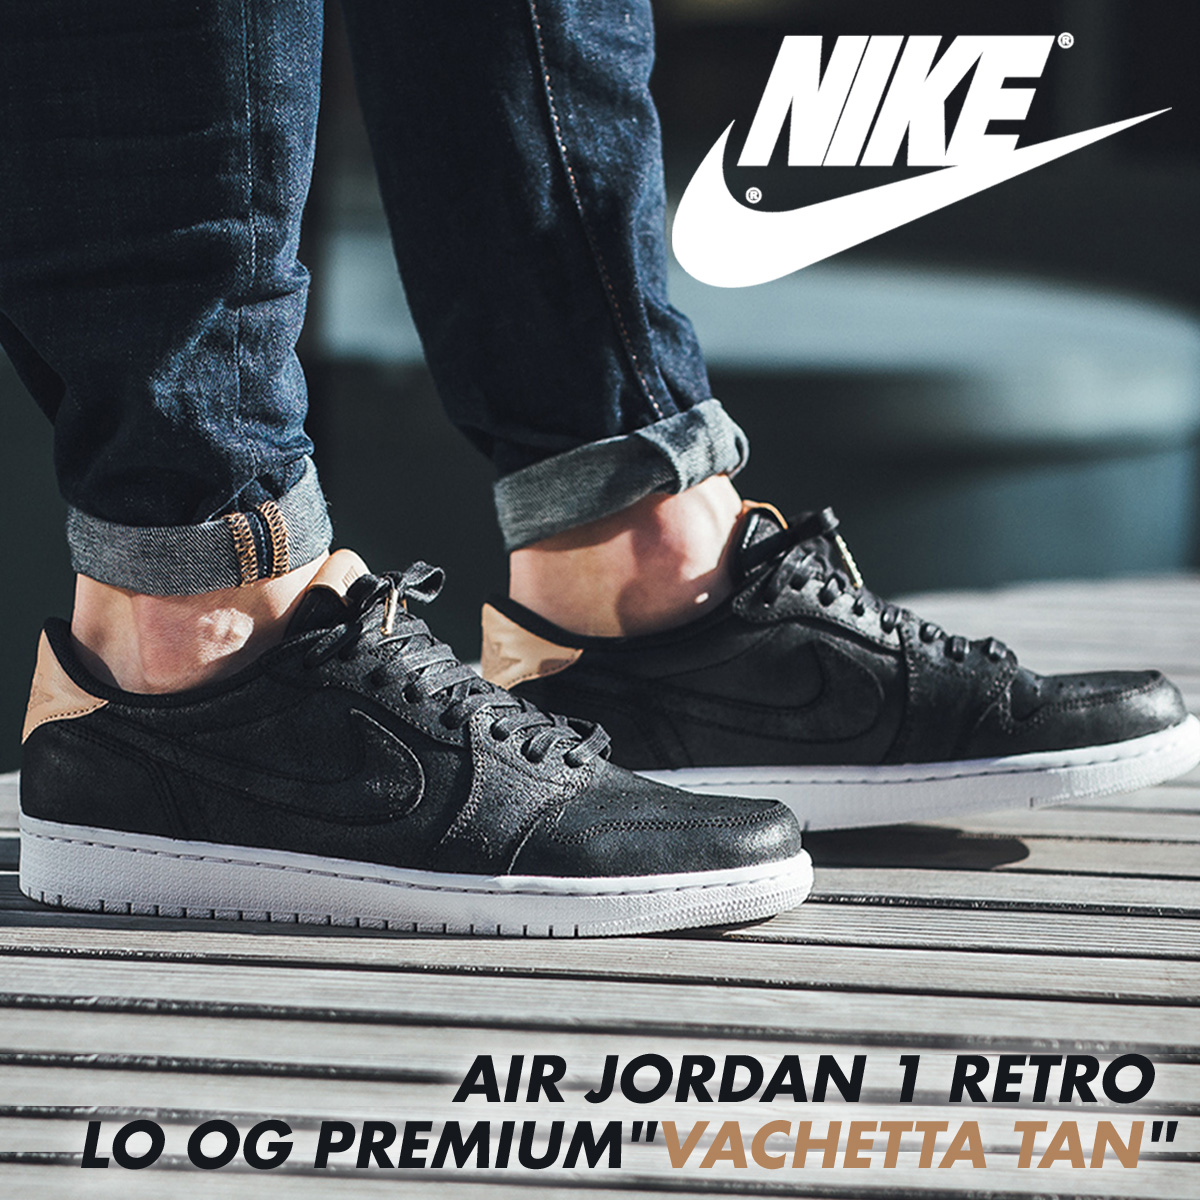 Nike NIKE Air Jordan 1 nostalgic sneakers AIR JORDAN 1 RETRO LOW OG PREMIUM  905,136-010 men's shoes black black [197]